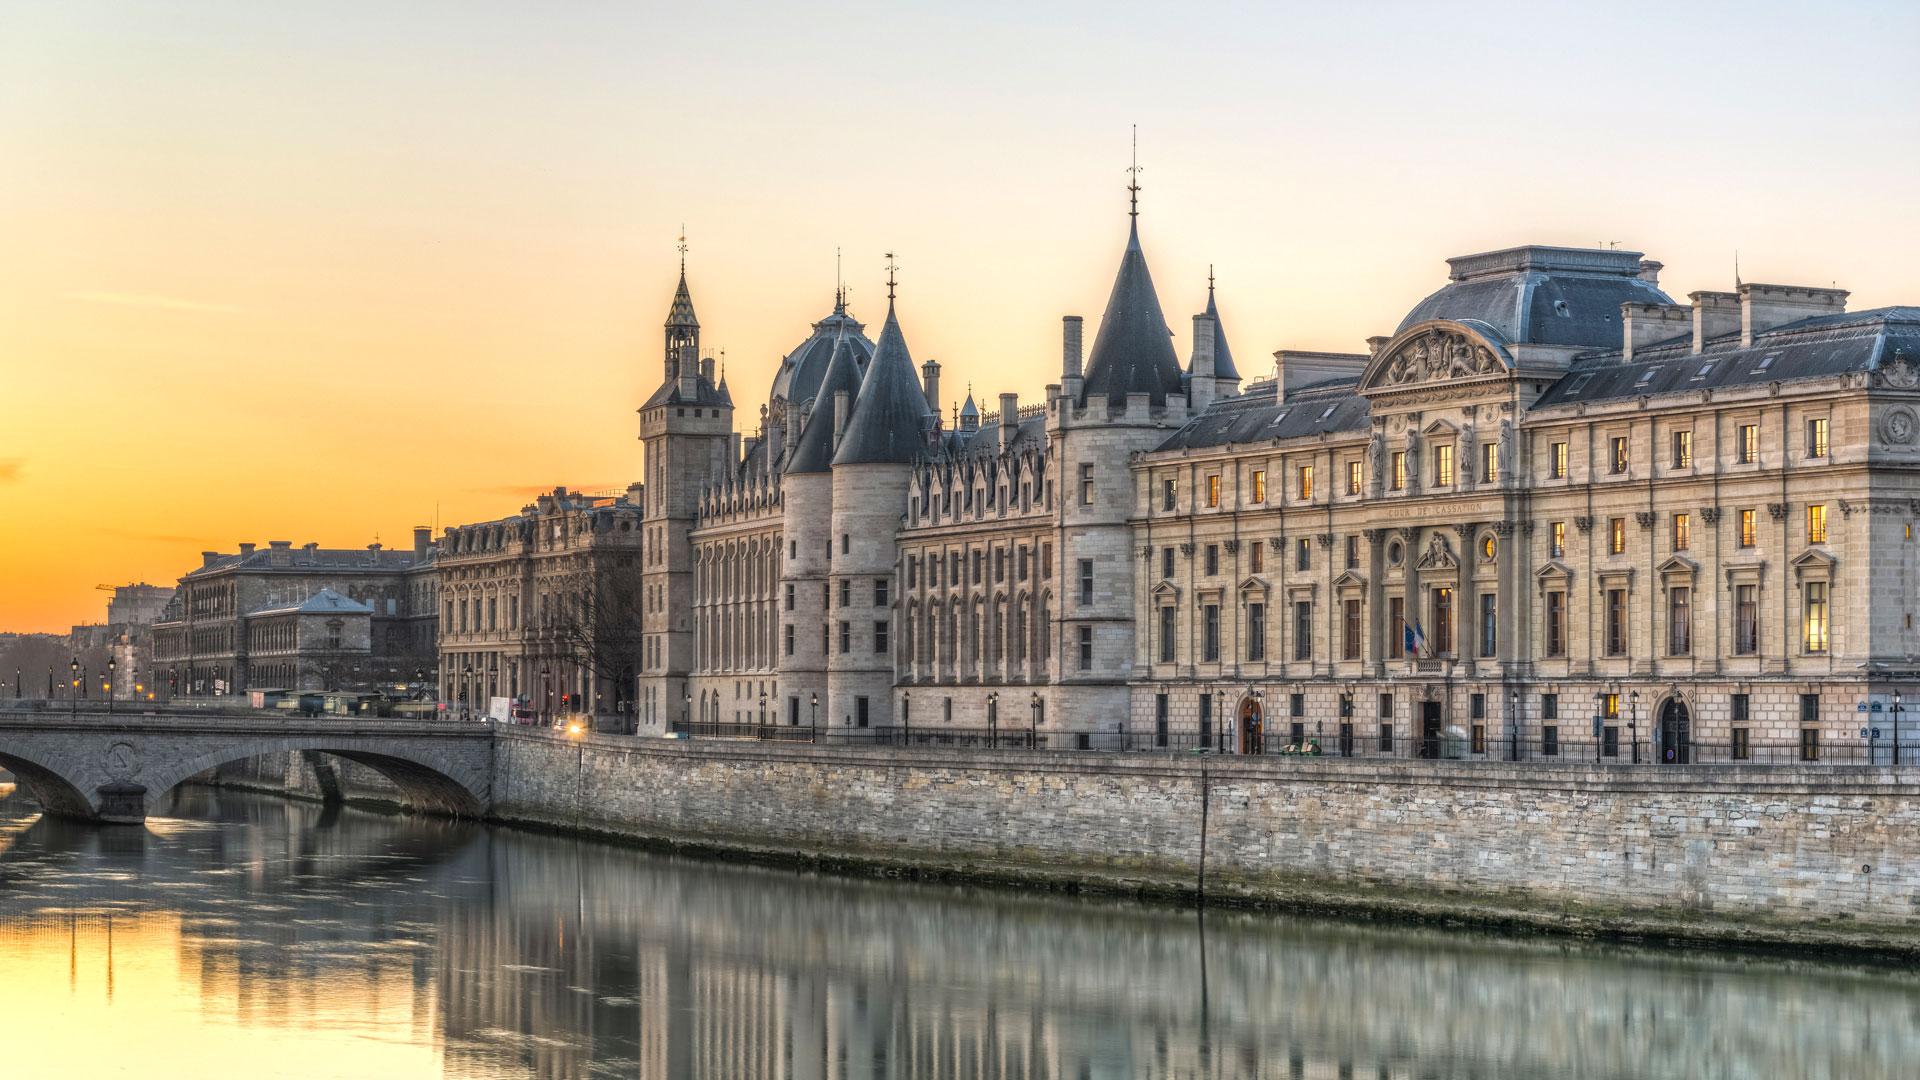 Concergerie, Ile de France, Paris, Francia.